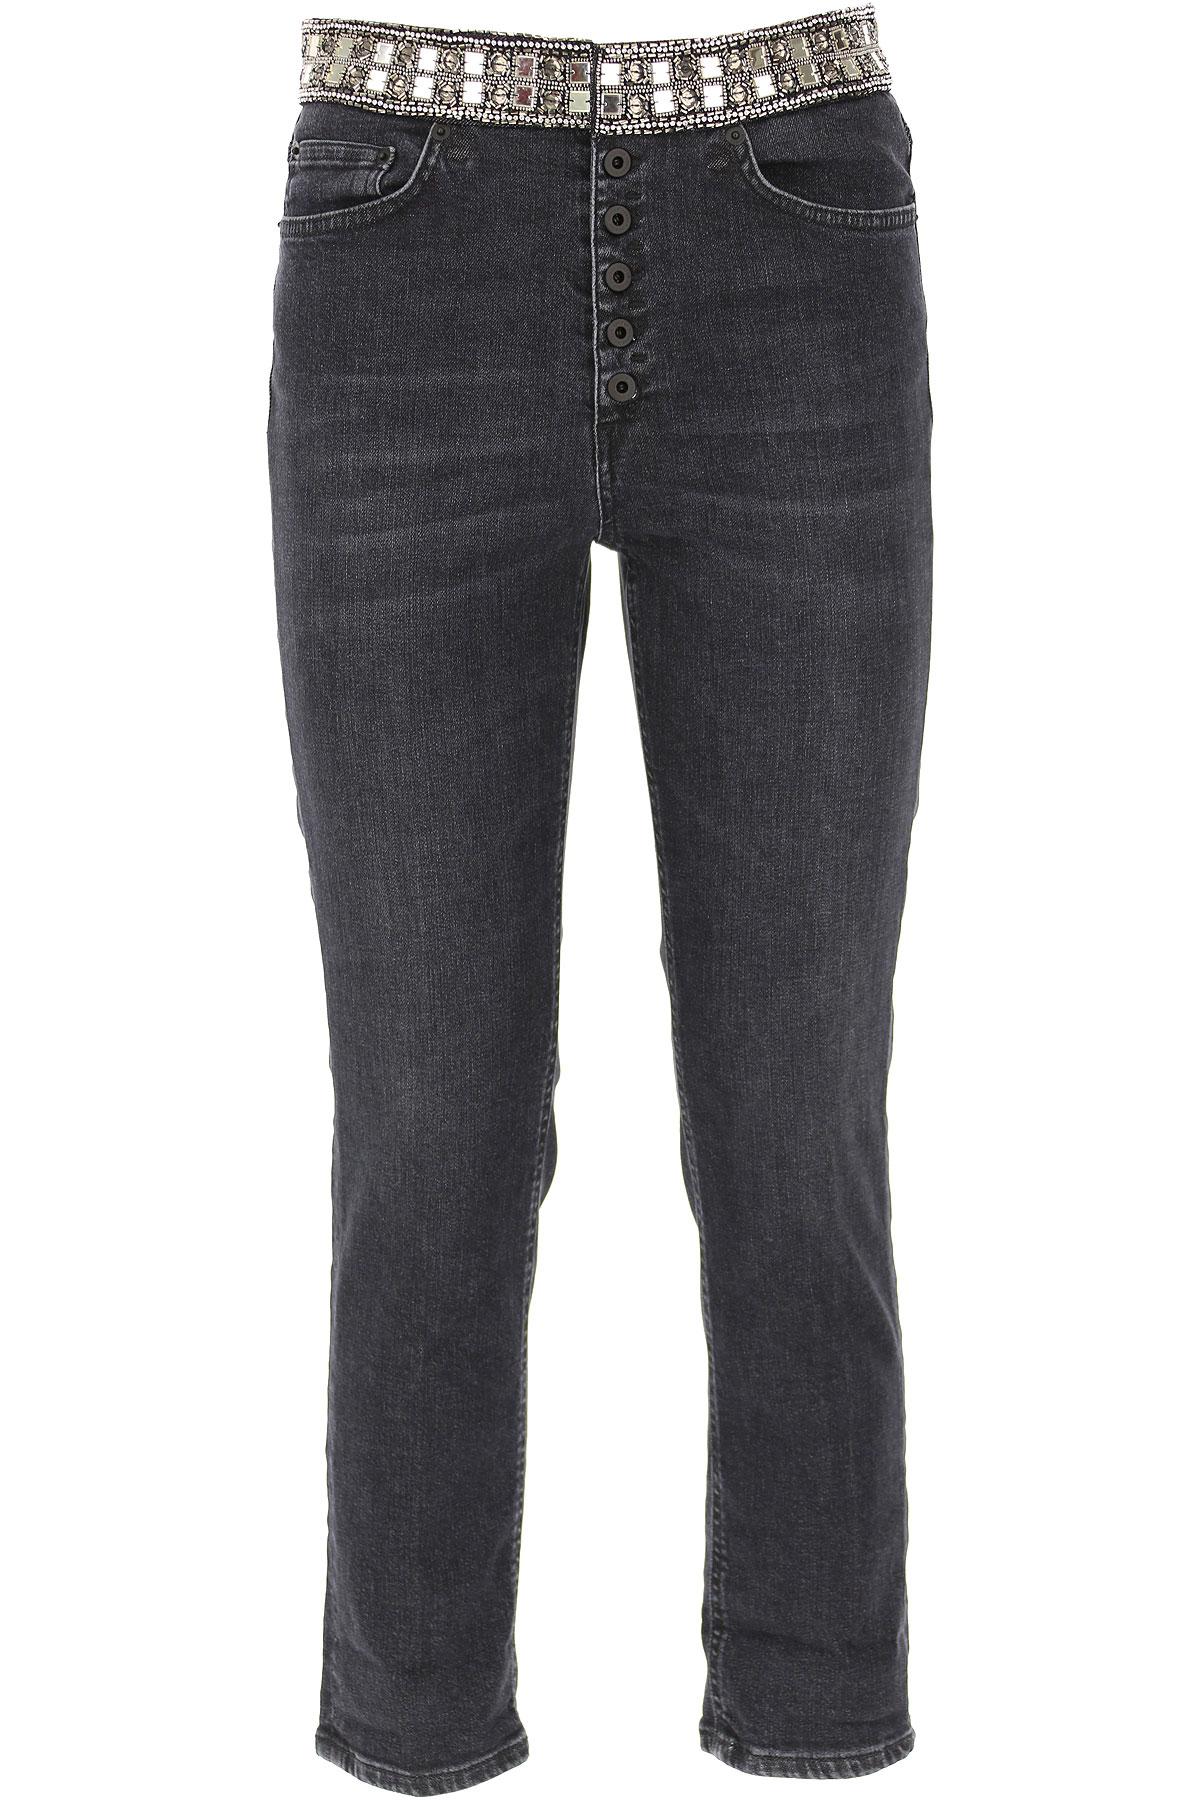 Dondup Jeans, Black, Cotton, 2019, 25 26